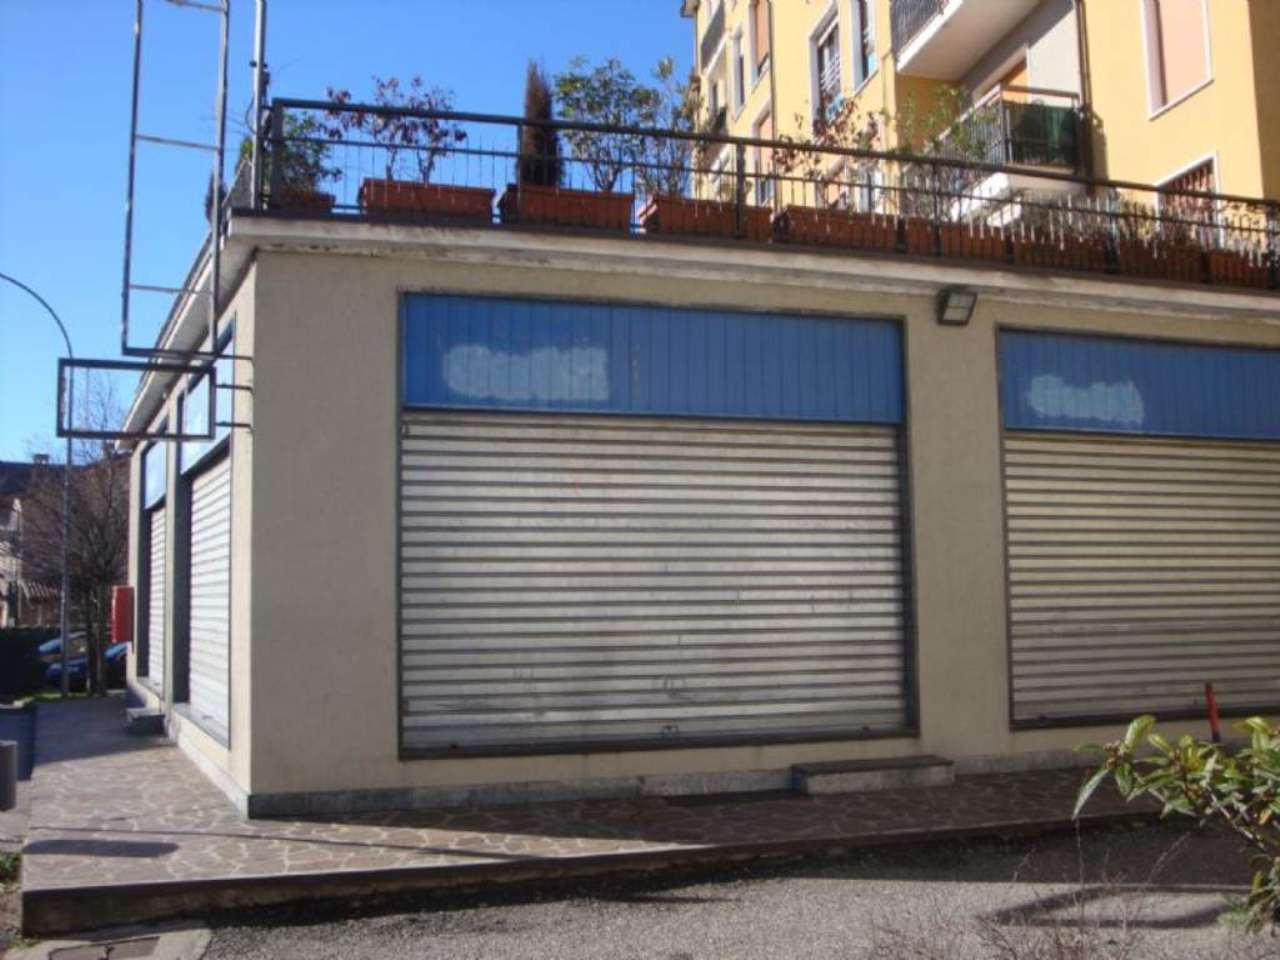 Negozio / Locale in affitto a Giussano, 1 locali, prezzo € 1.750 | Cambio Casa.it